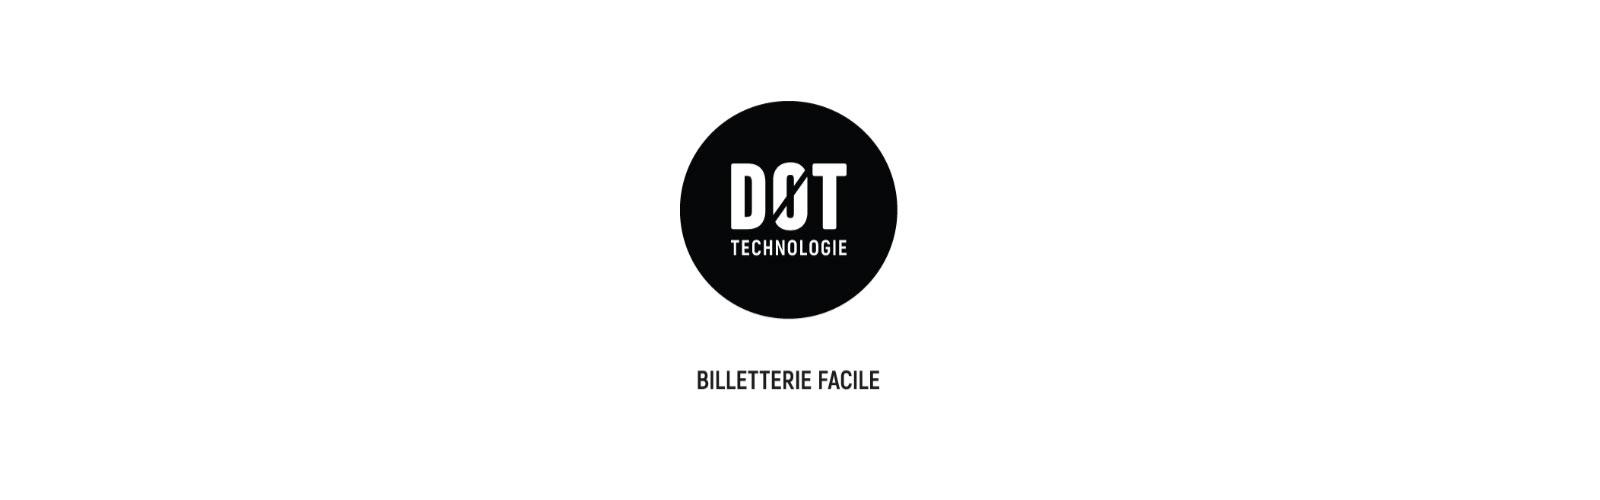 dot-tech